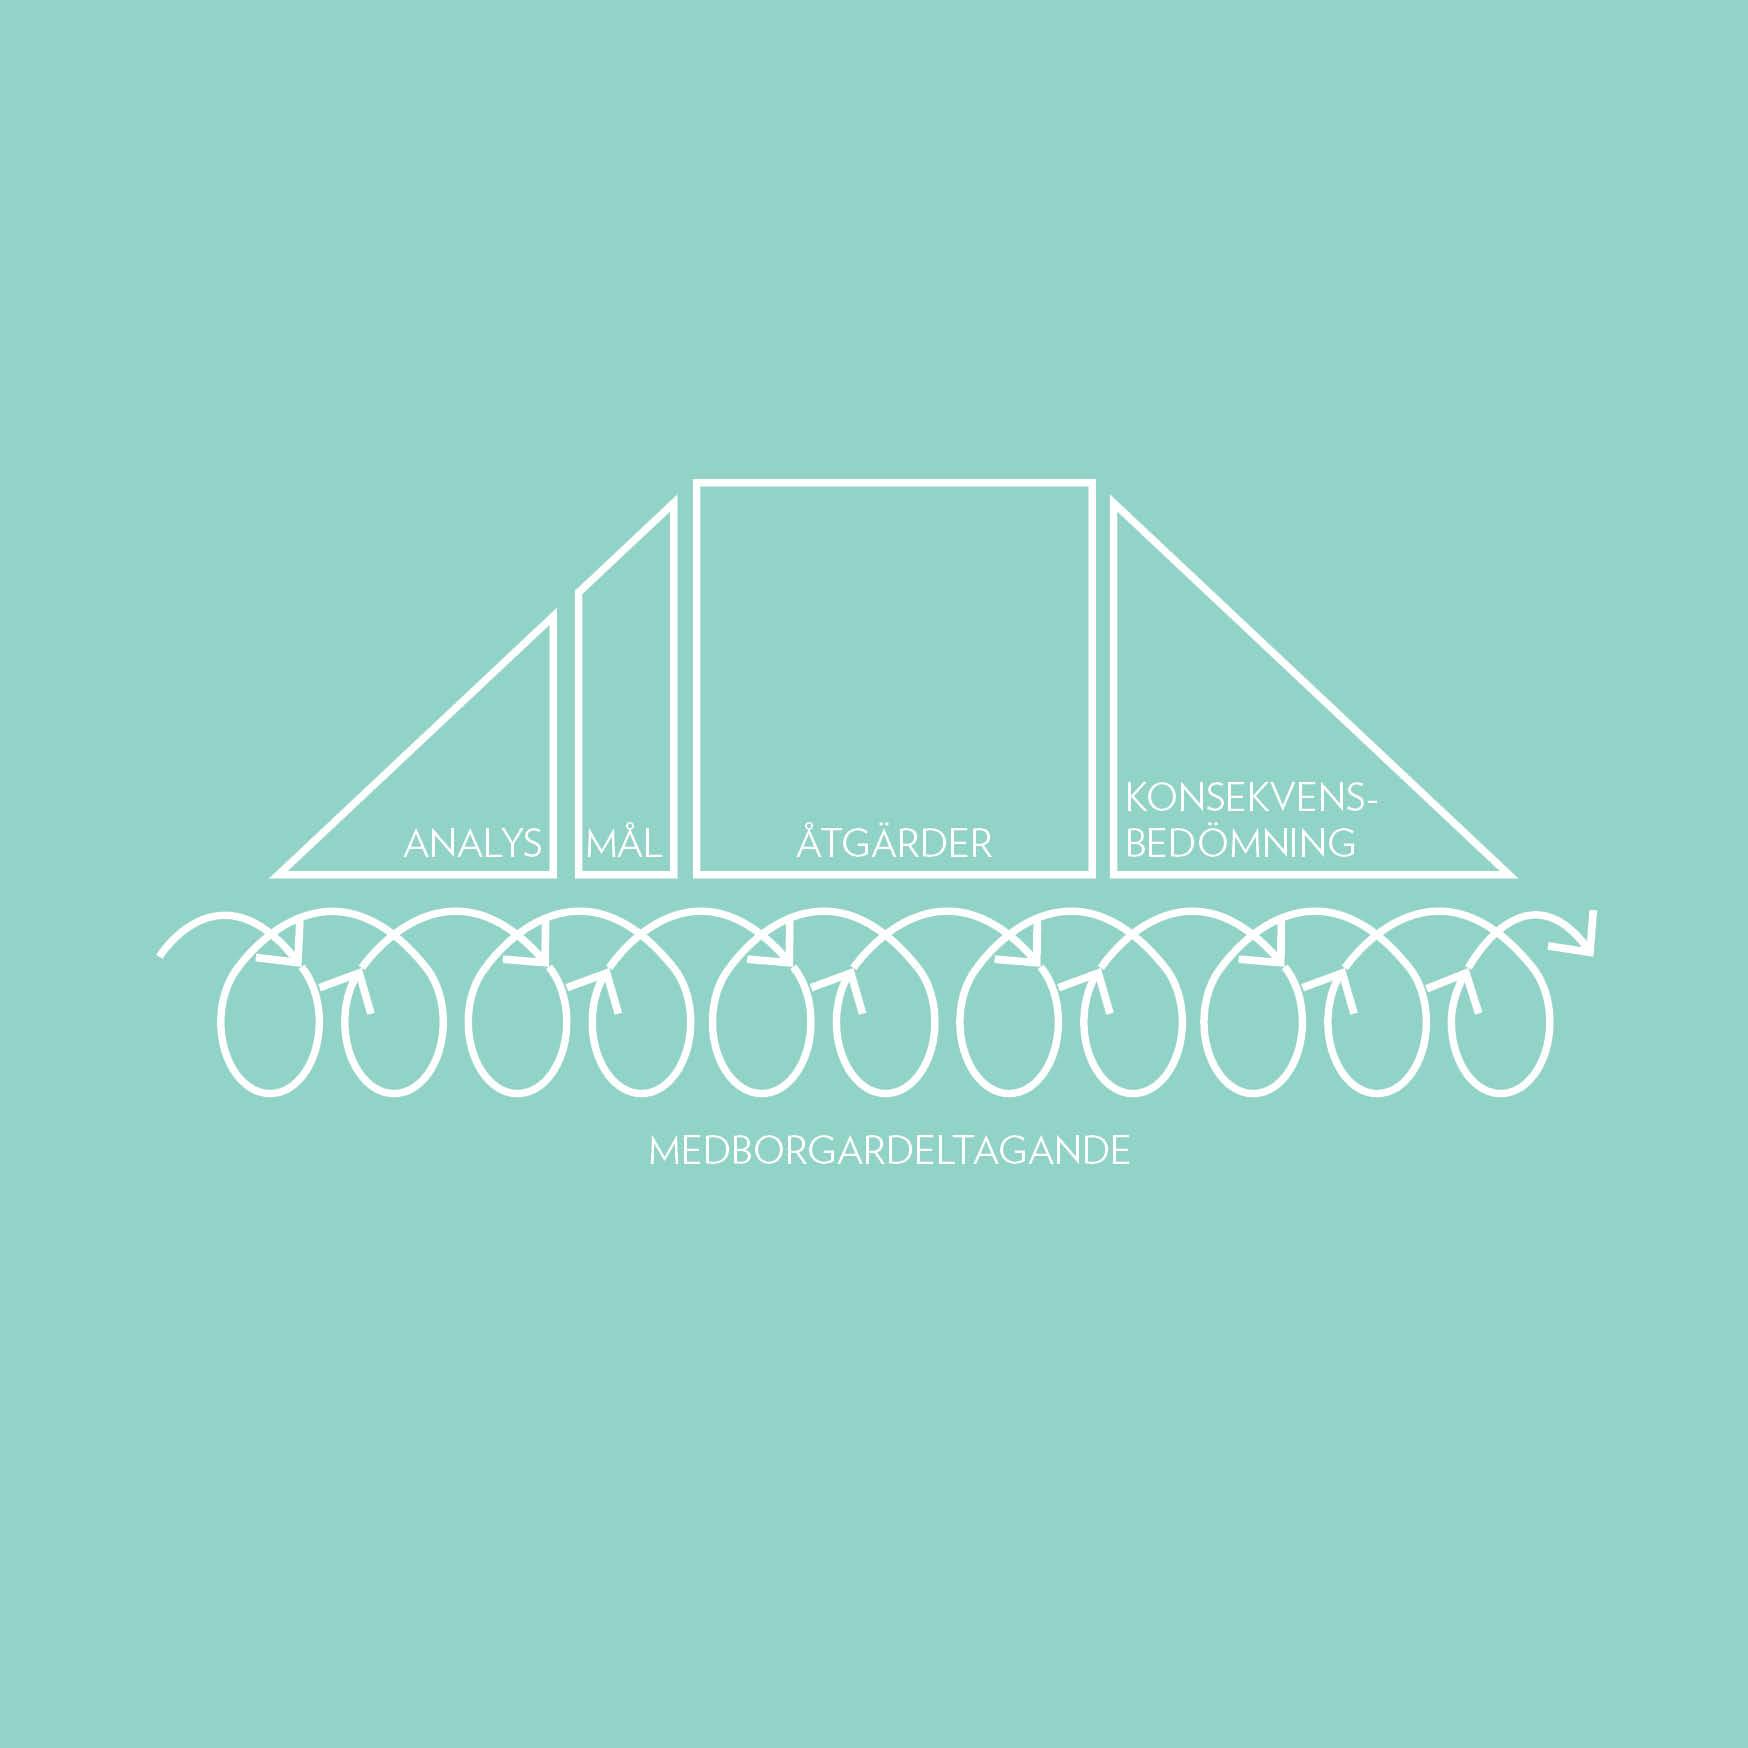 konceptbild_12-insikter-för-en-socialt-hållbar-planering_160620-web_ljusgrönbakgrund